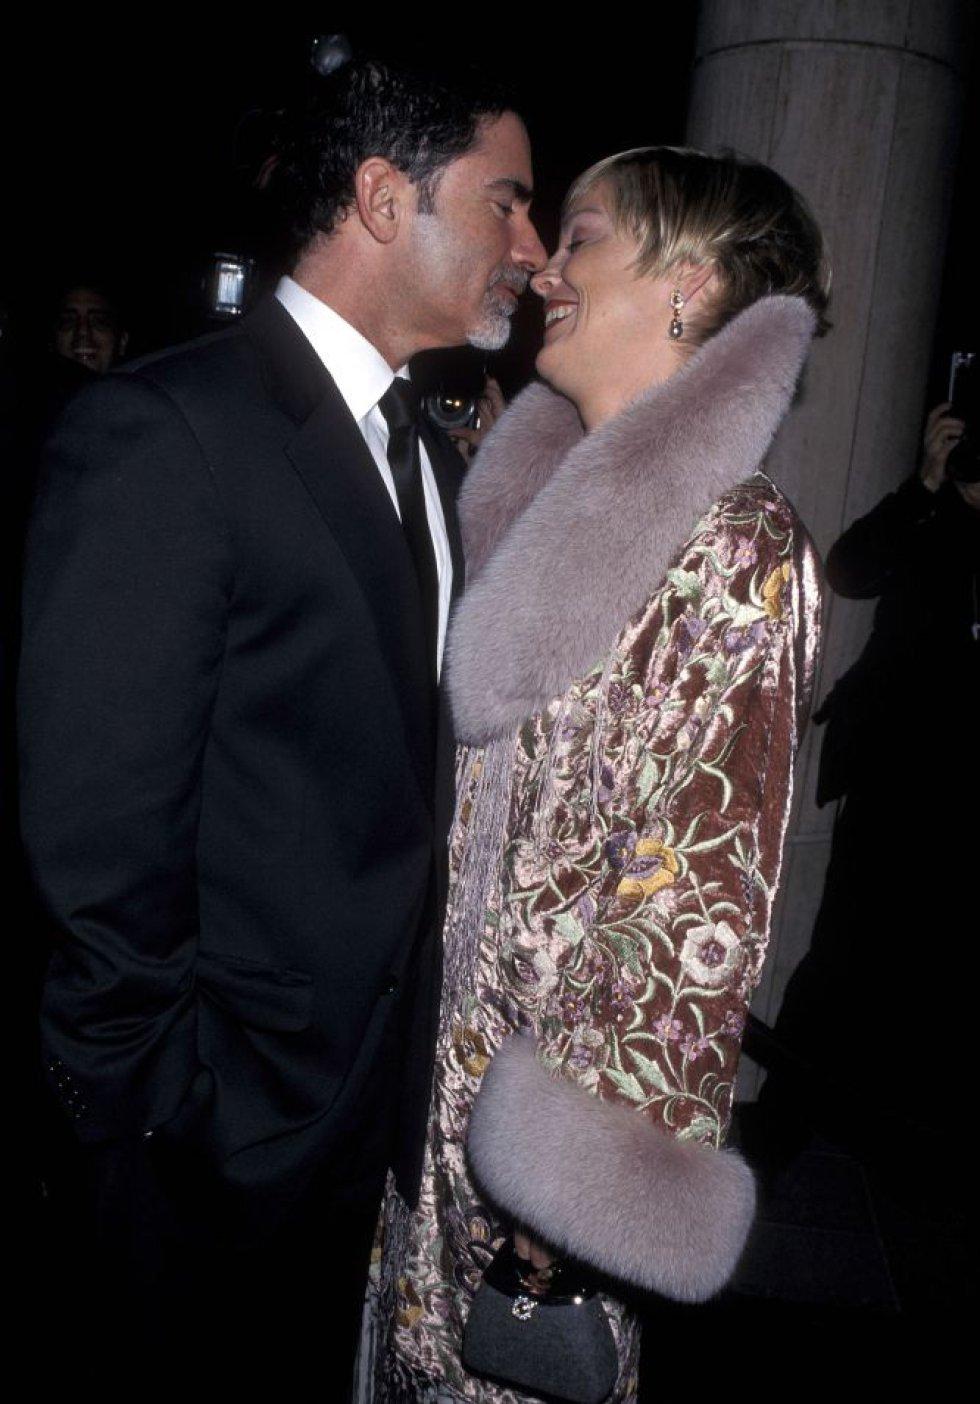 En cuanto a su vida amorosa la actriz siempre ha sido muy celosa de su intimidad y se conocen pocos datos sobre su vida privada. Stone estuvo casada por primera vez entre 1984 y 1987 con Michael Greenburg y en 1998 se volvió a casar, esta vez con el editor Phil Bronstein, con quien adoptó a su primer hijo, Roan Joseph.